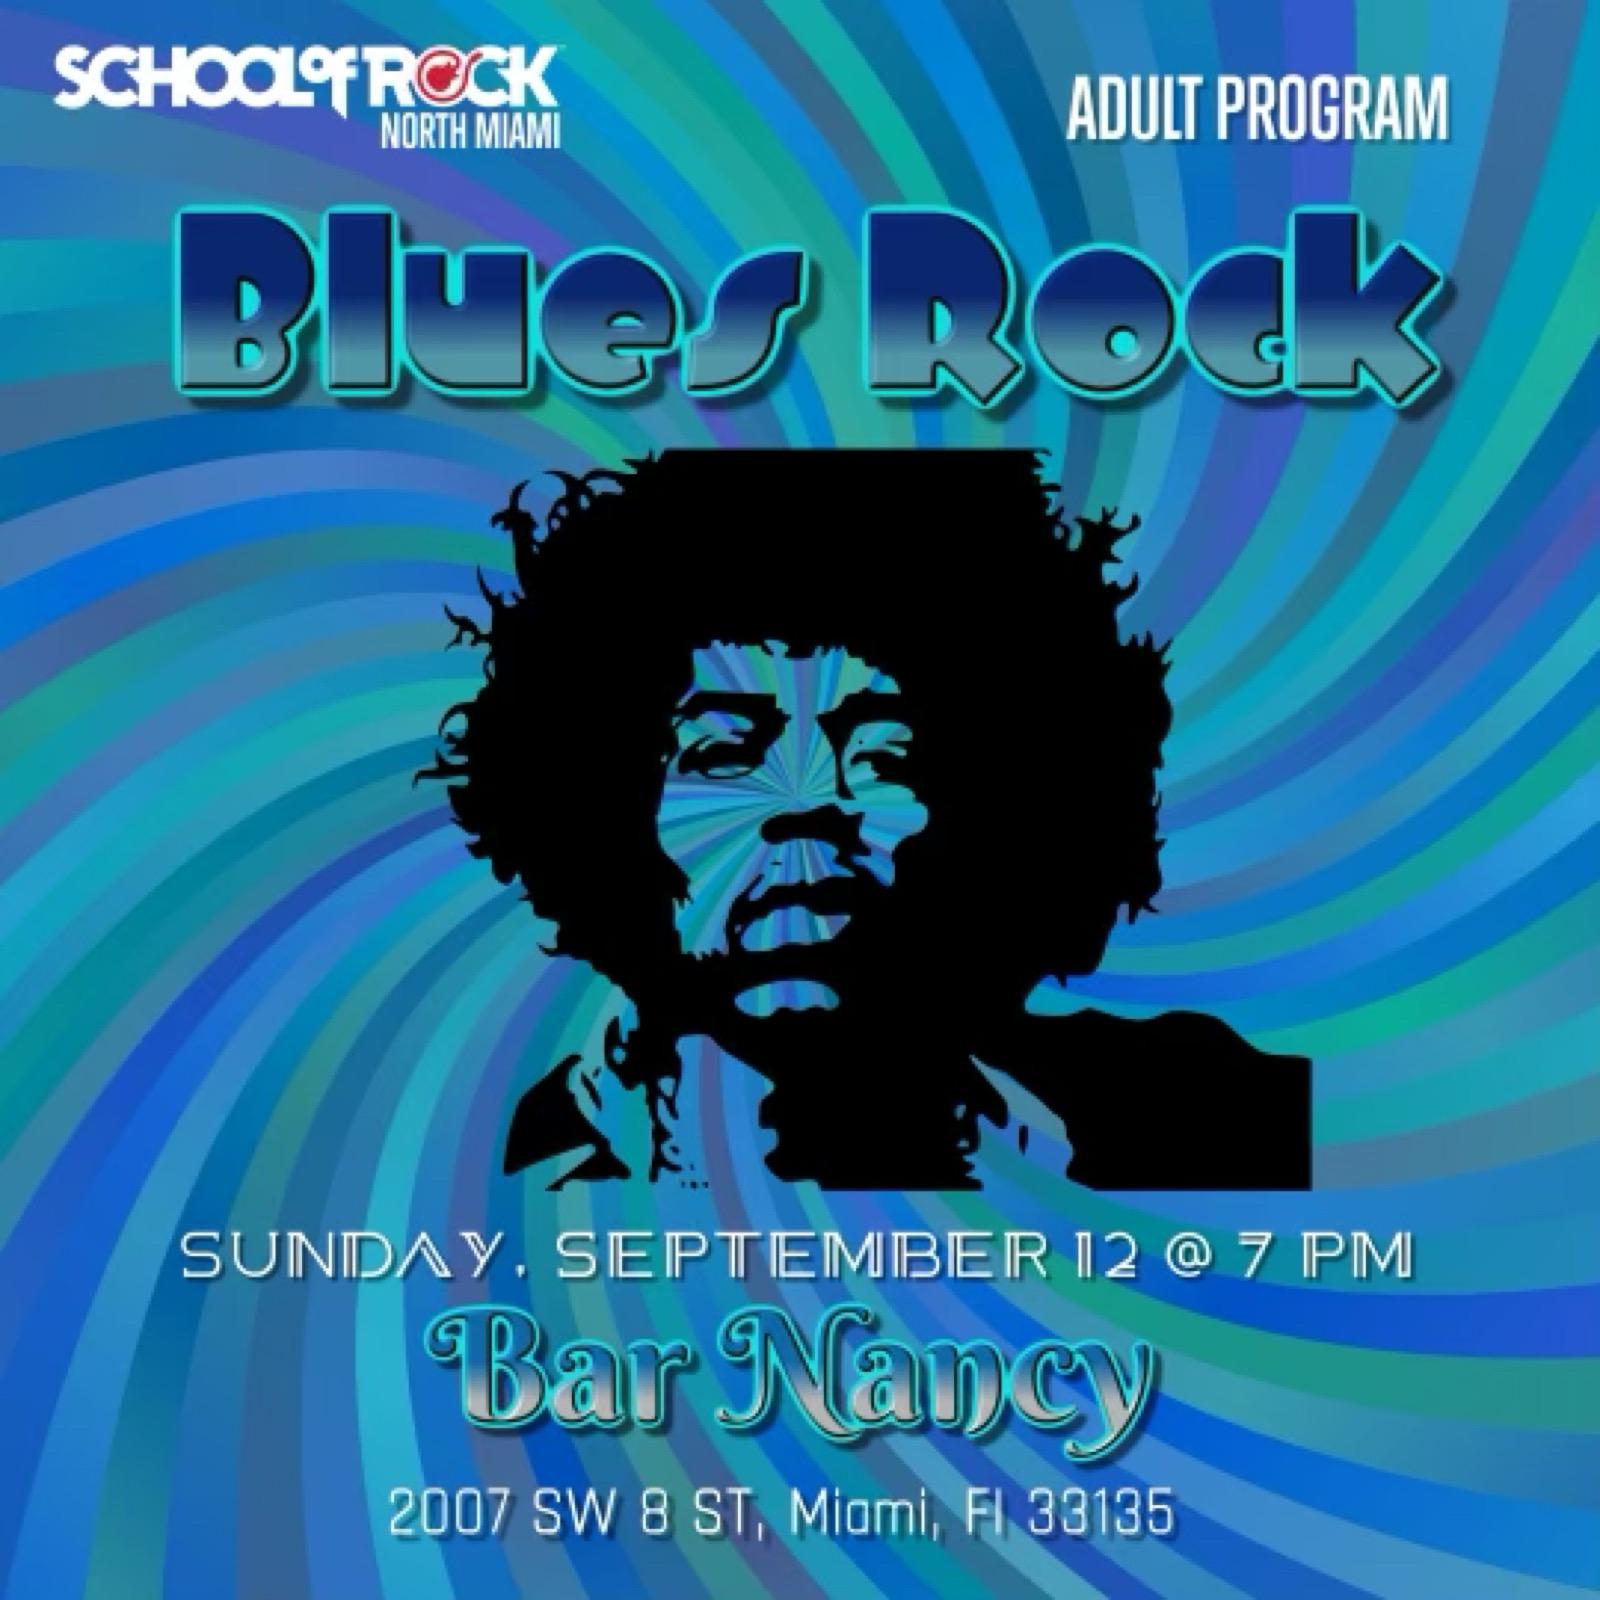 School of Rock Presents: Blues Rock at Bar Nancy - Sep 12 at 7PM